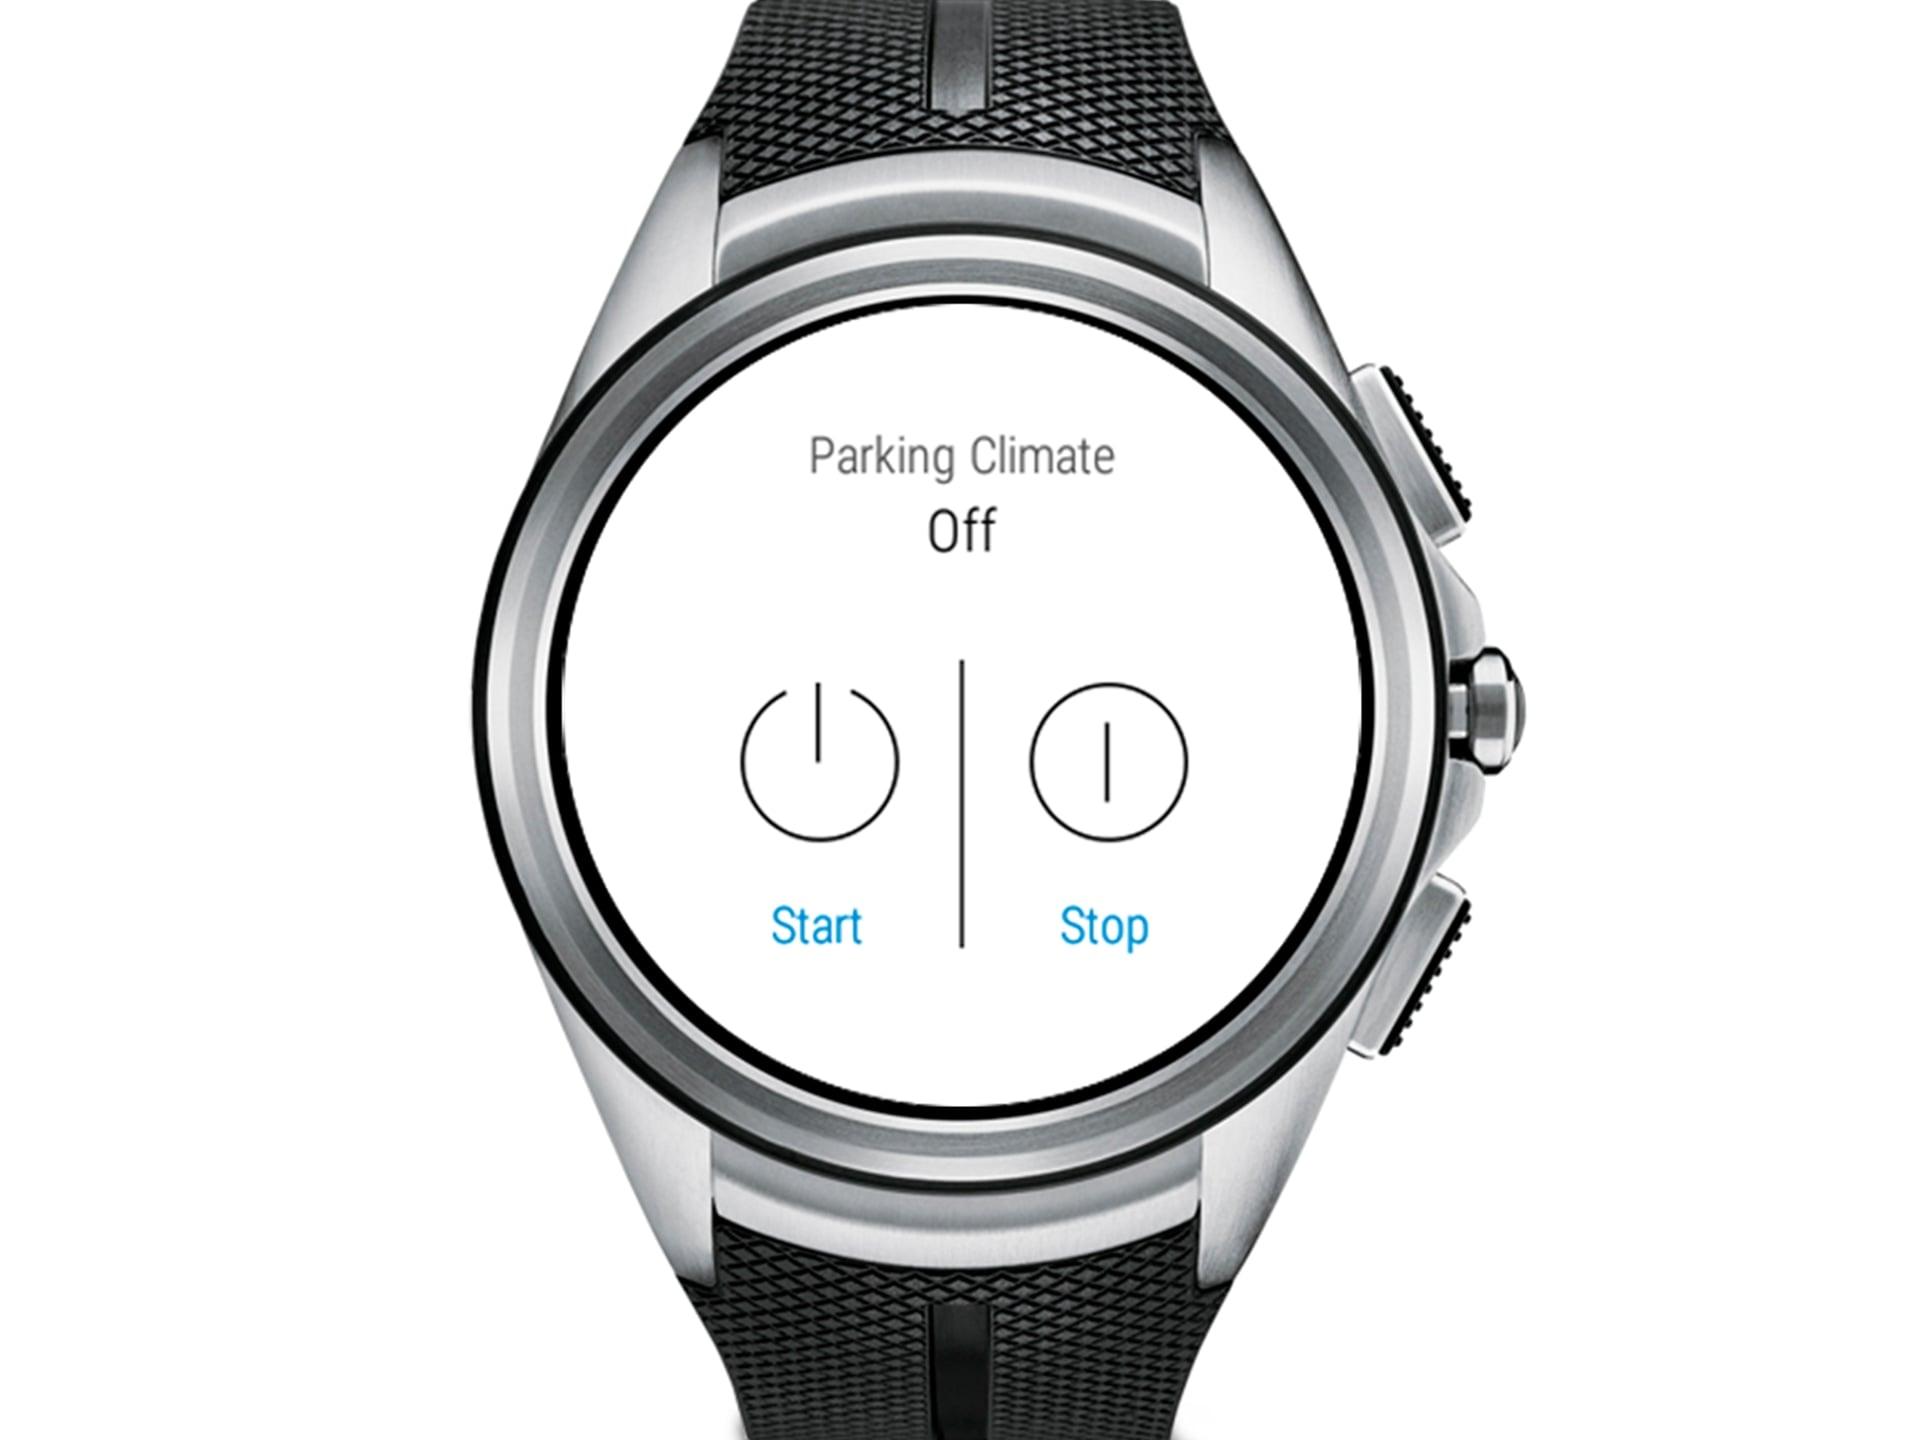 Κοντινό ενός smartwatch με μαύρο λουράκι, στο οποίο εμφανίζεται ο Κλιματισμός κατά τη Στάθμευση